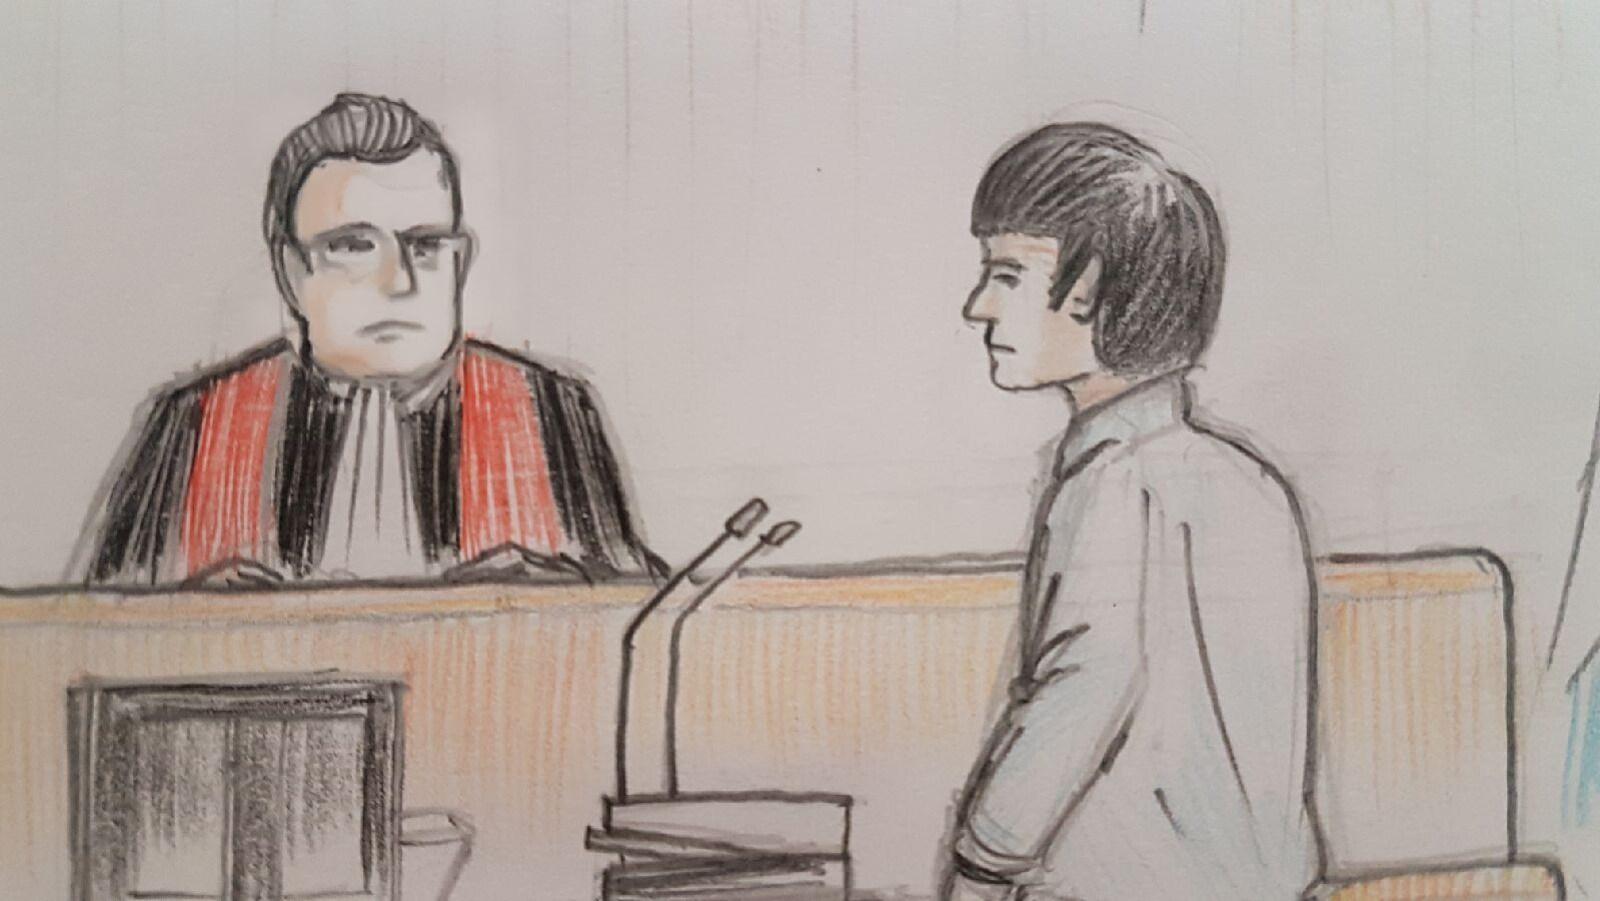 Une illustration d'Alexandre Bissonnette et du juge lors des procédures le 26 mars 2018